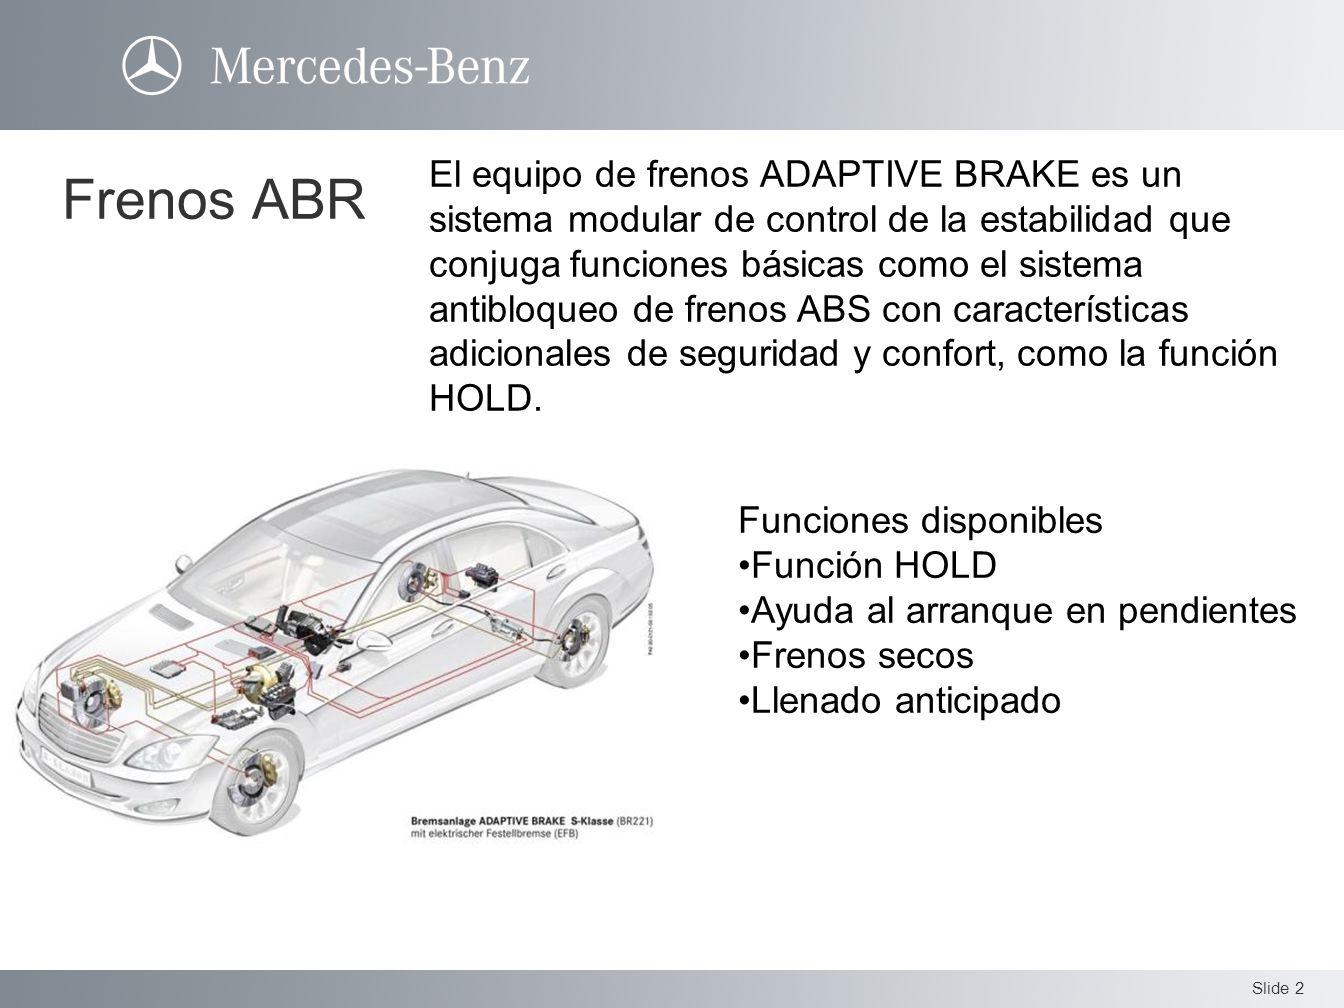 El equipo de frenos ADAPTIVE BRAKE es un sistema modular de control de la estabilidad que conjuga funciones básicas como el sistema antibloqueo de frenos ABS con características adicionales de seguridad y confort, como la función HOLD.